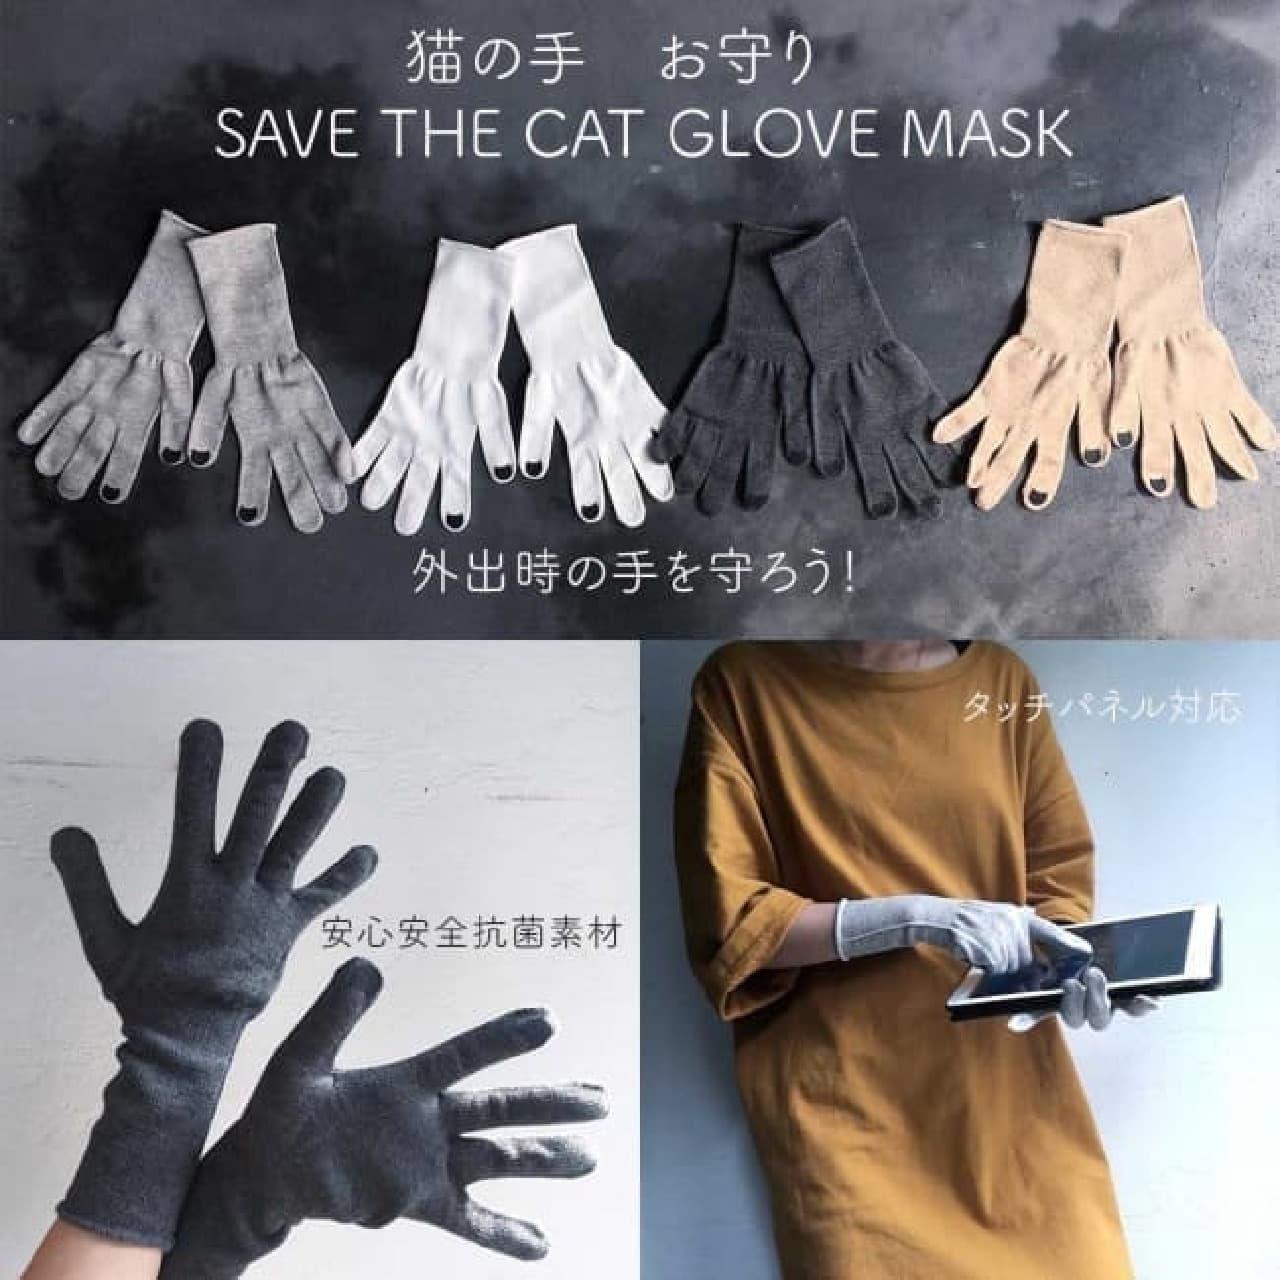 外出時の手を守るマスク「GLOVE MASK」がネコリパブリックから -- 抗菌素材&タッチパネル対応